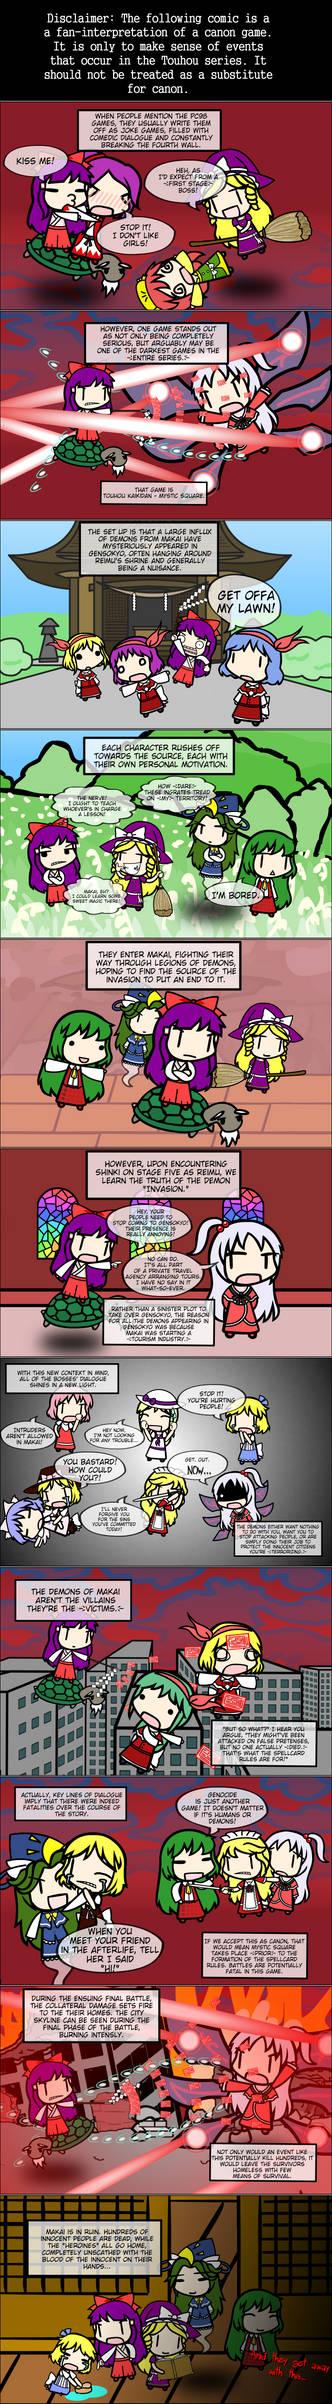 Mystic Square Explained